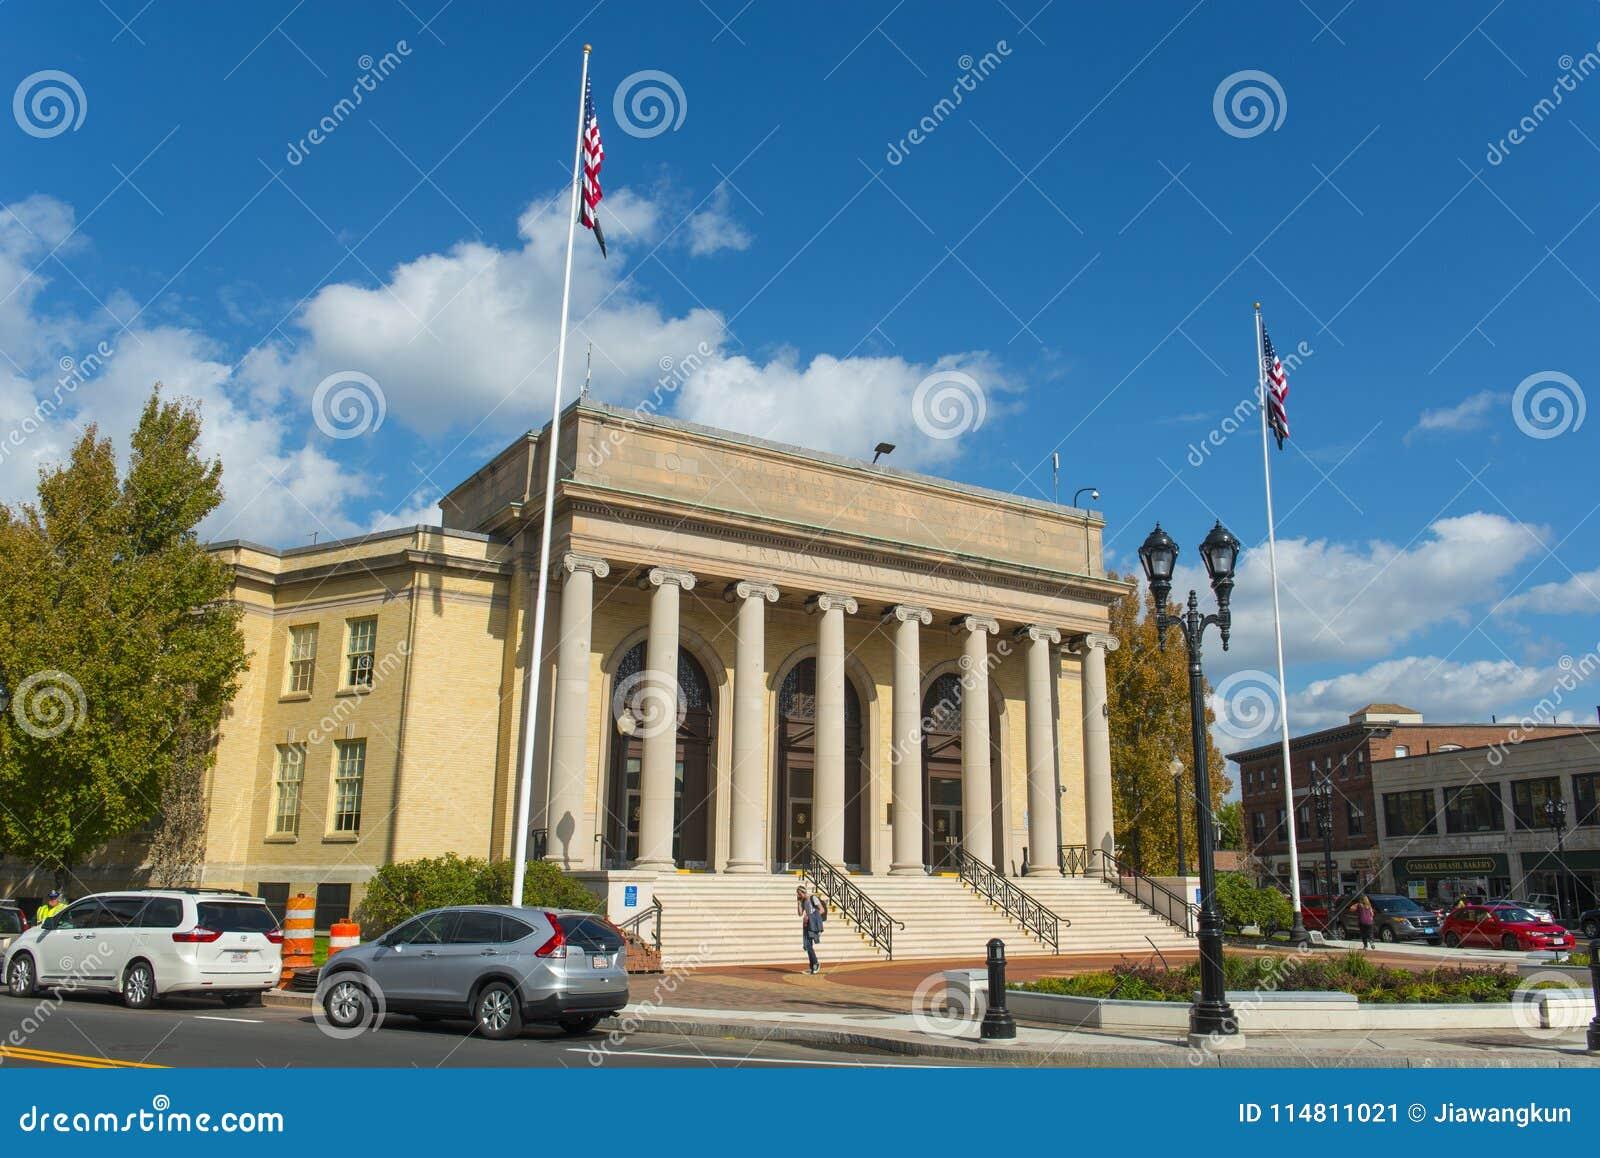 Framingham Δημαρχείο, Μασαχουσέτη, ΗΠΑ